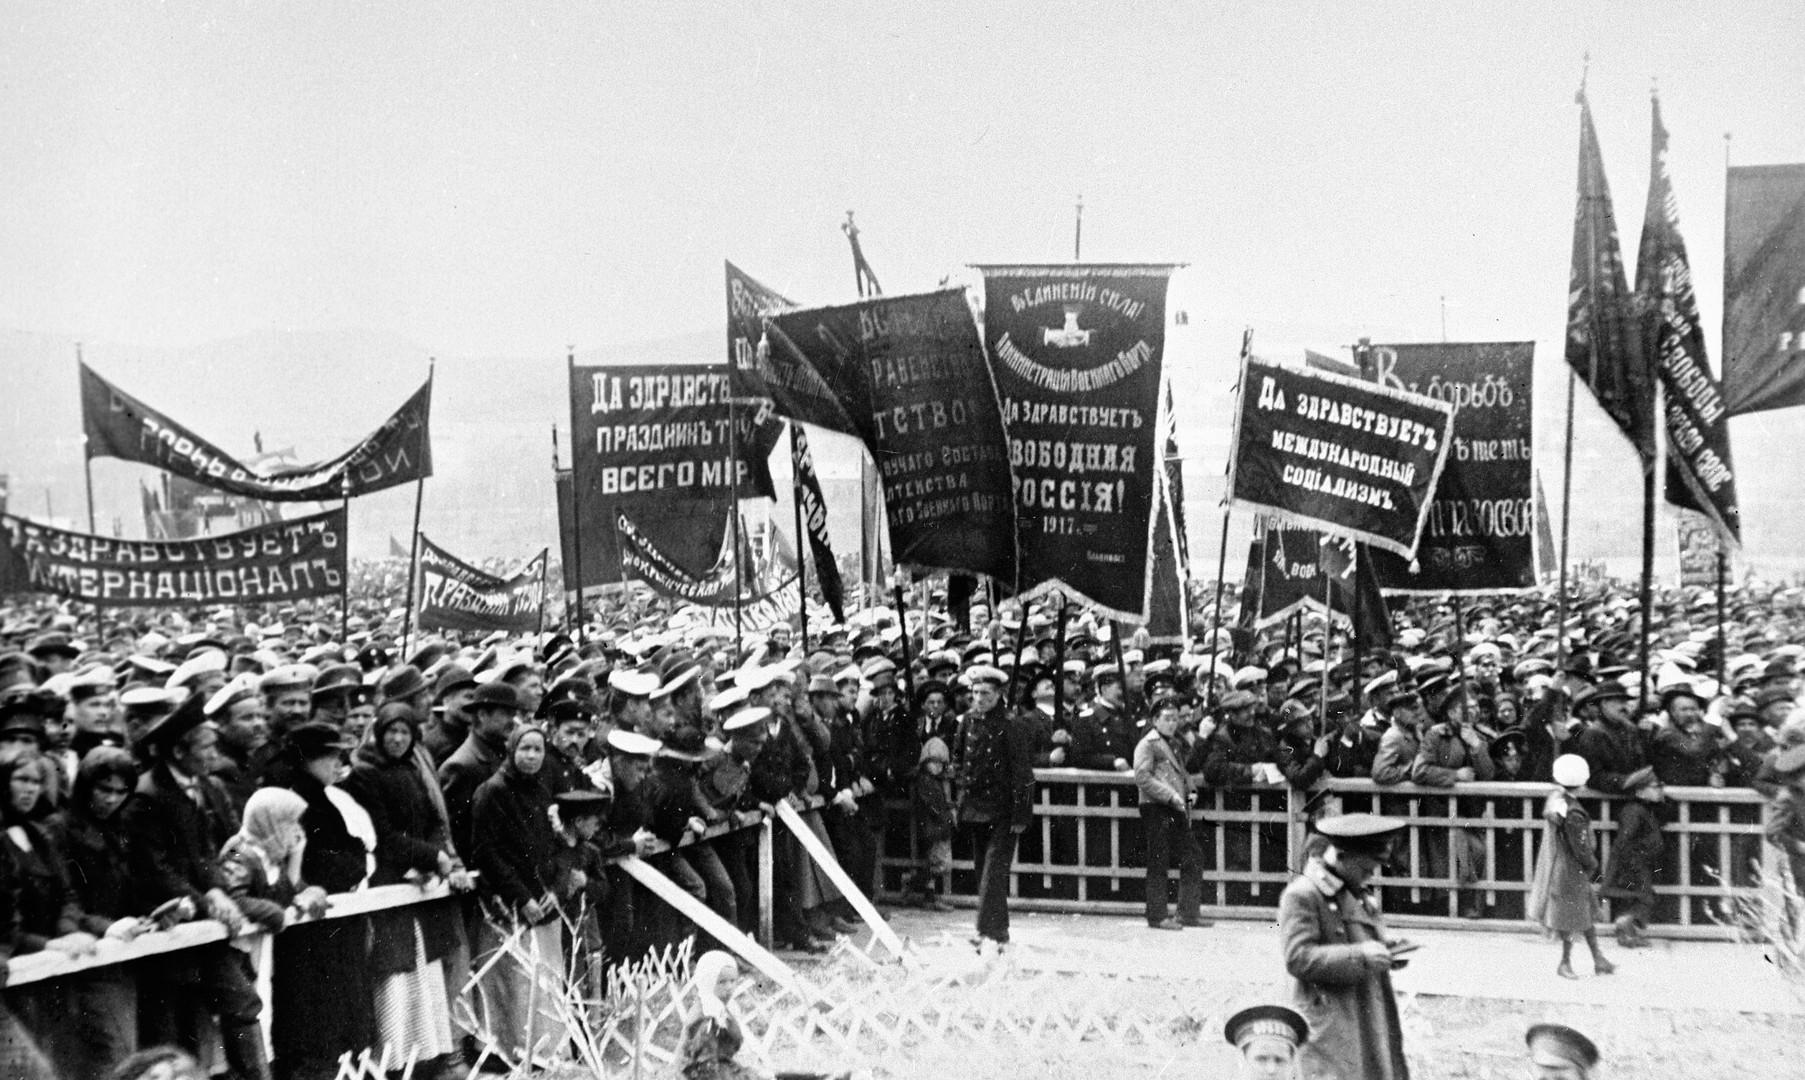 Russland 1917: Das Jahr, das die Welt auf den Kopf stellte